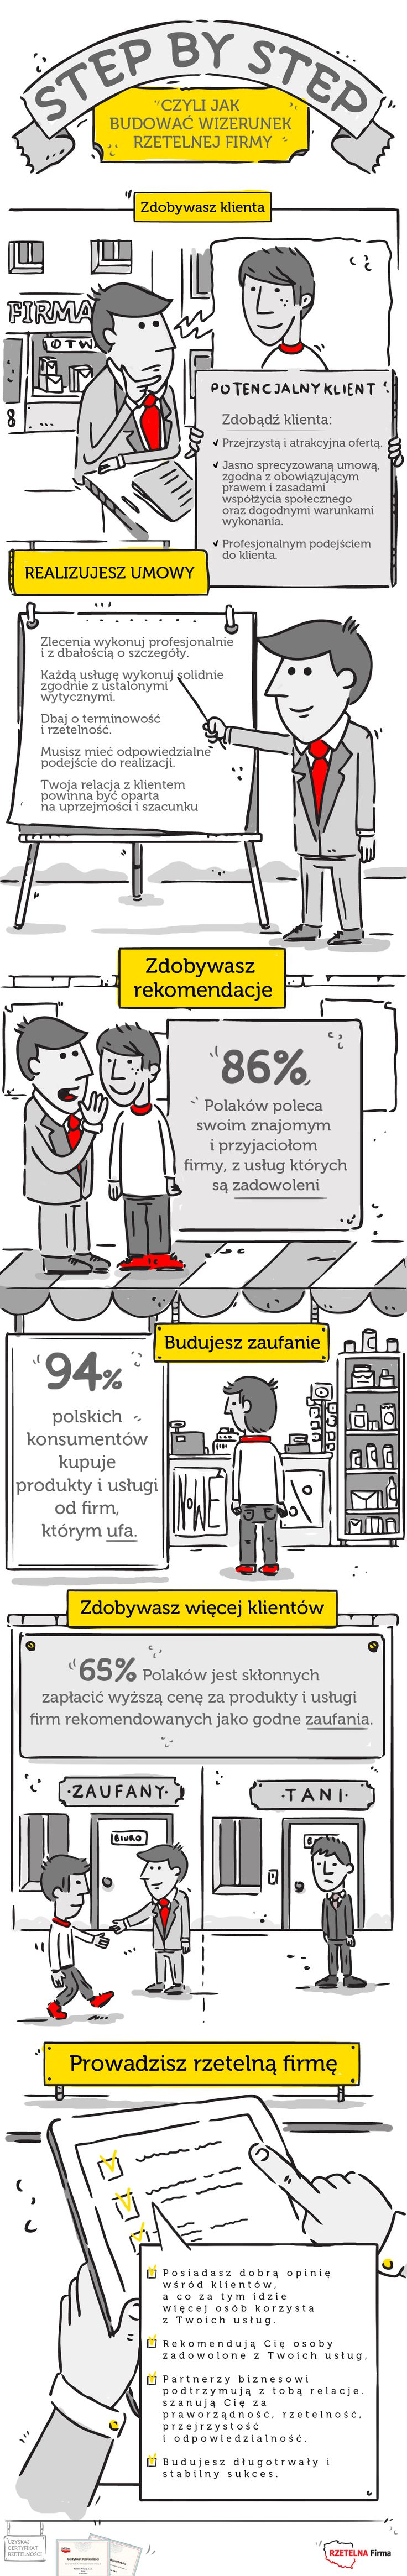 Ważne, by dbać o swój wizerunek i.. własną historię. Jak pokazują nasze dane 94% polskich konsumentów kupuje produkty od firm, którym ufa, a 86% jest skłonnych polecić dobre produkty i usługi. Pamiętajcie, że na historię swojej firmy pracuje się każdego dnia, a wpływ na nią ma każdy jeden kontakt z Klientem, każda jedna transakcja.